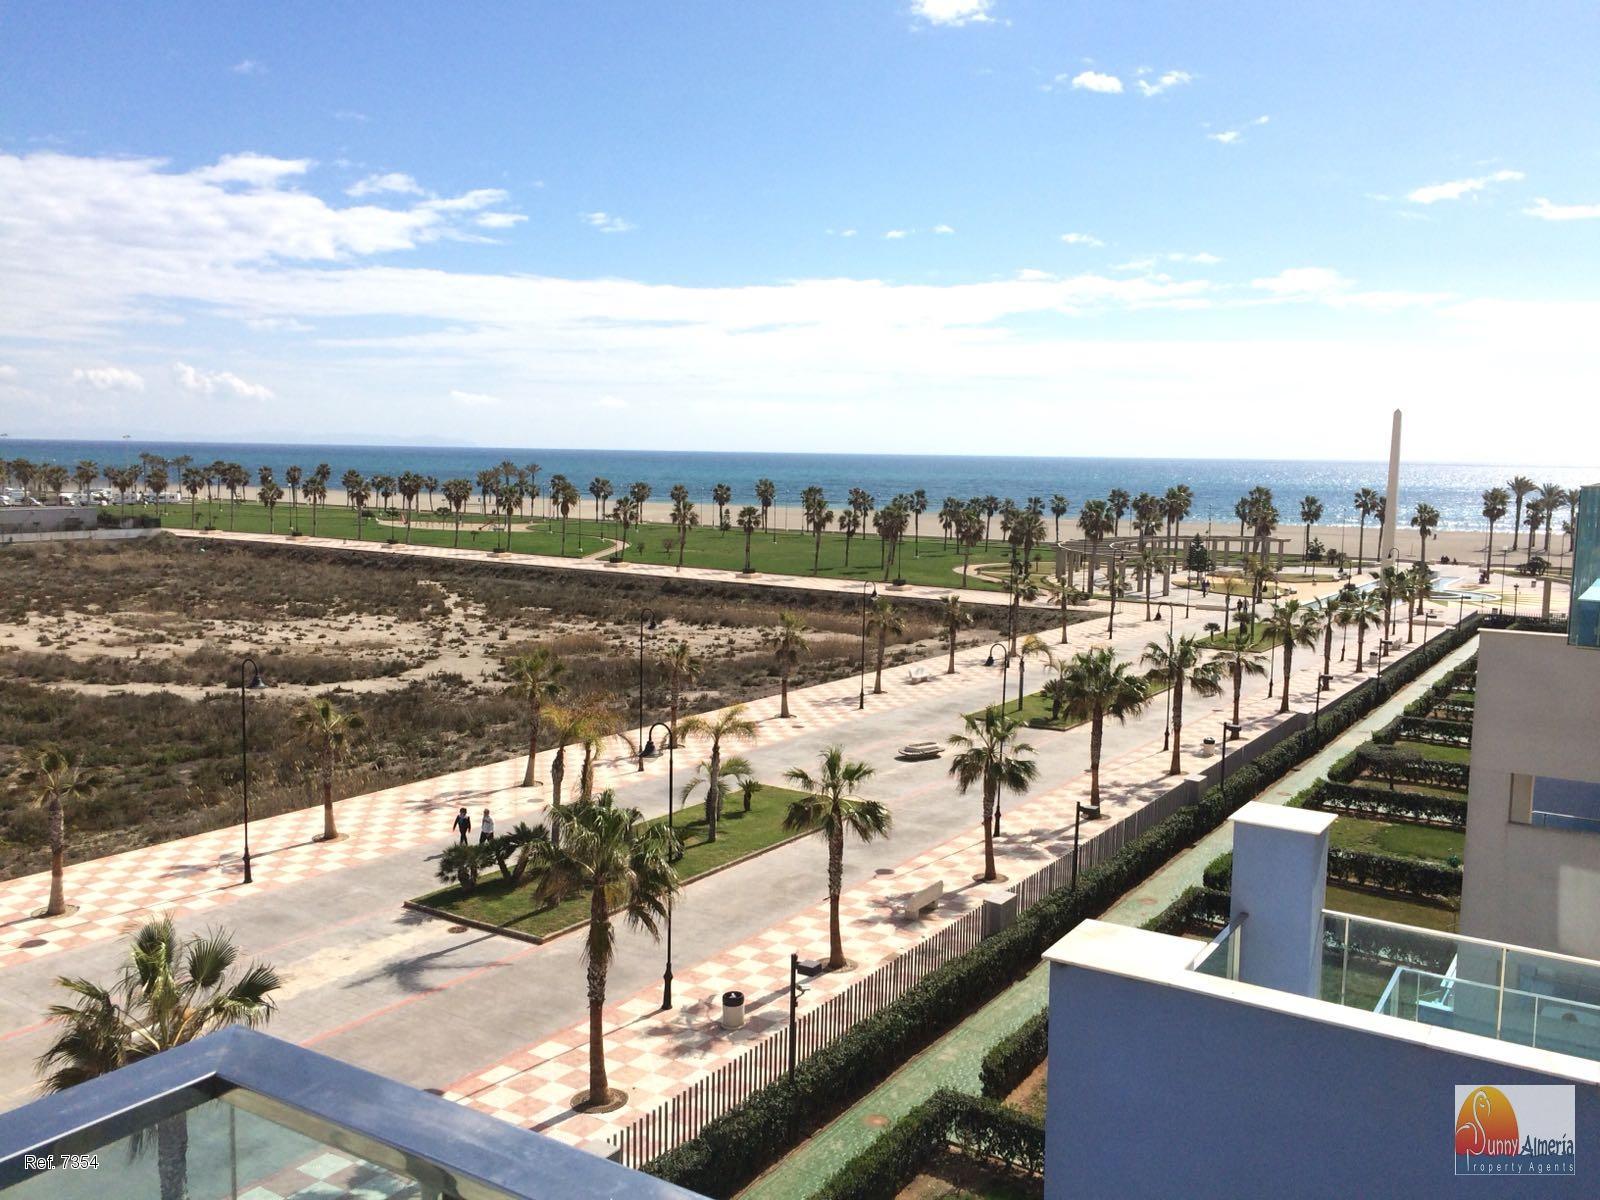 Petit Appartement de Luxe en vente à Carretera Ciudad de Cadiz 51 (Roquetas de Mar), 185.000 €